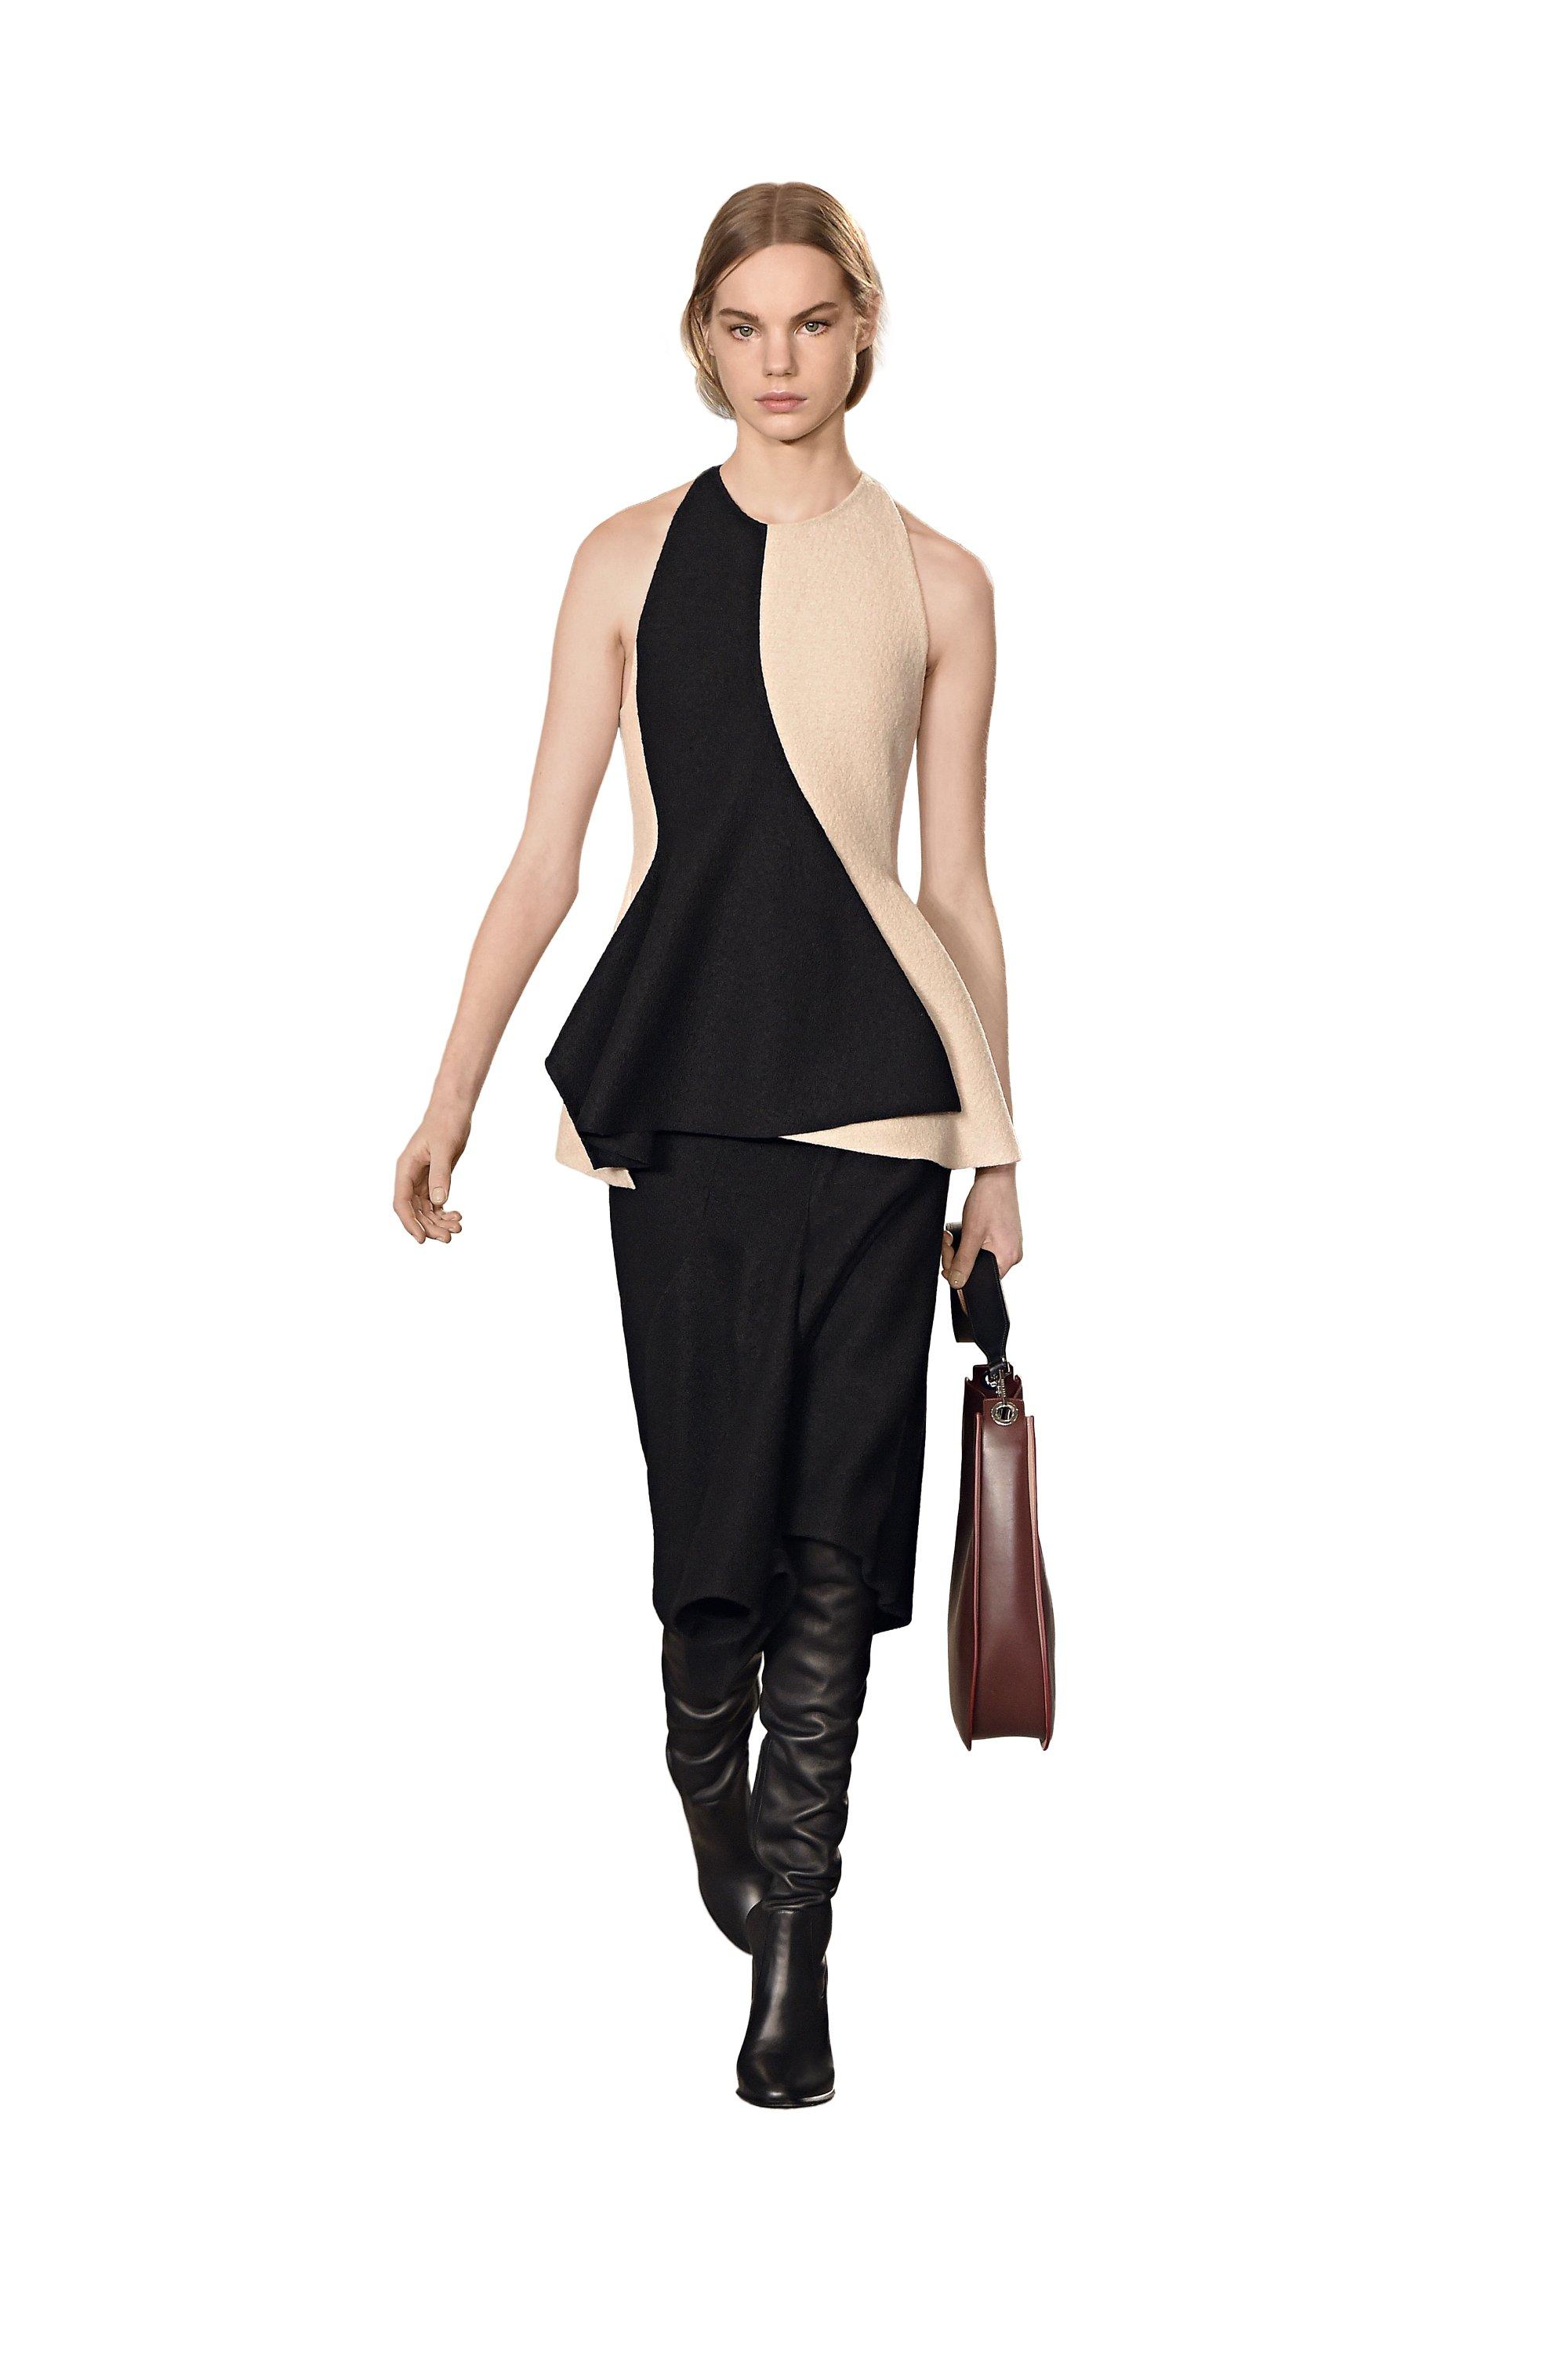 Haut noir et blanc, jupe noire et bottes BOSS